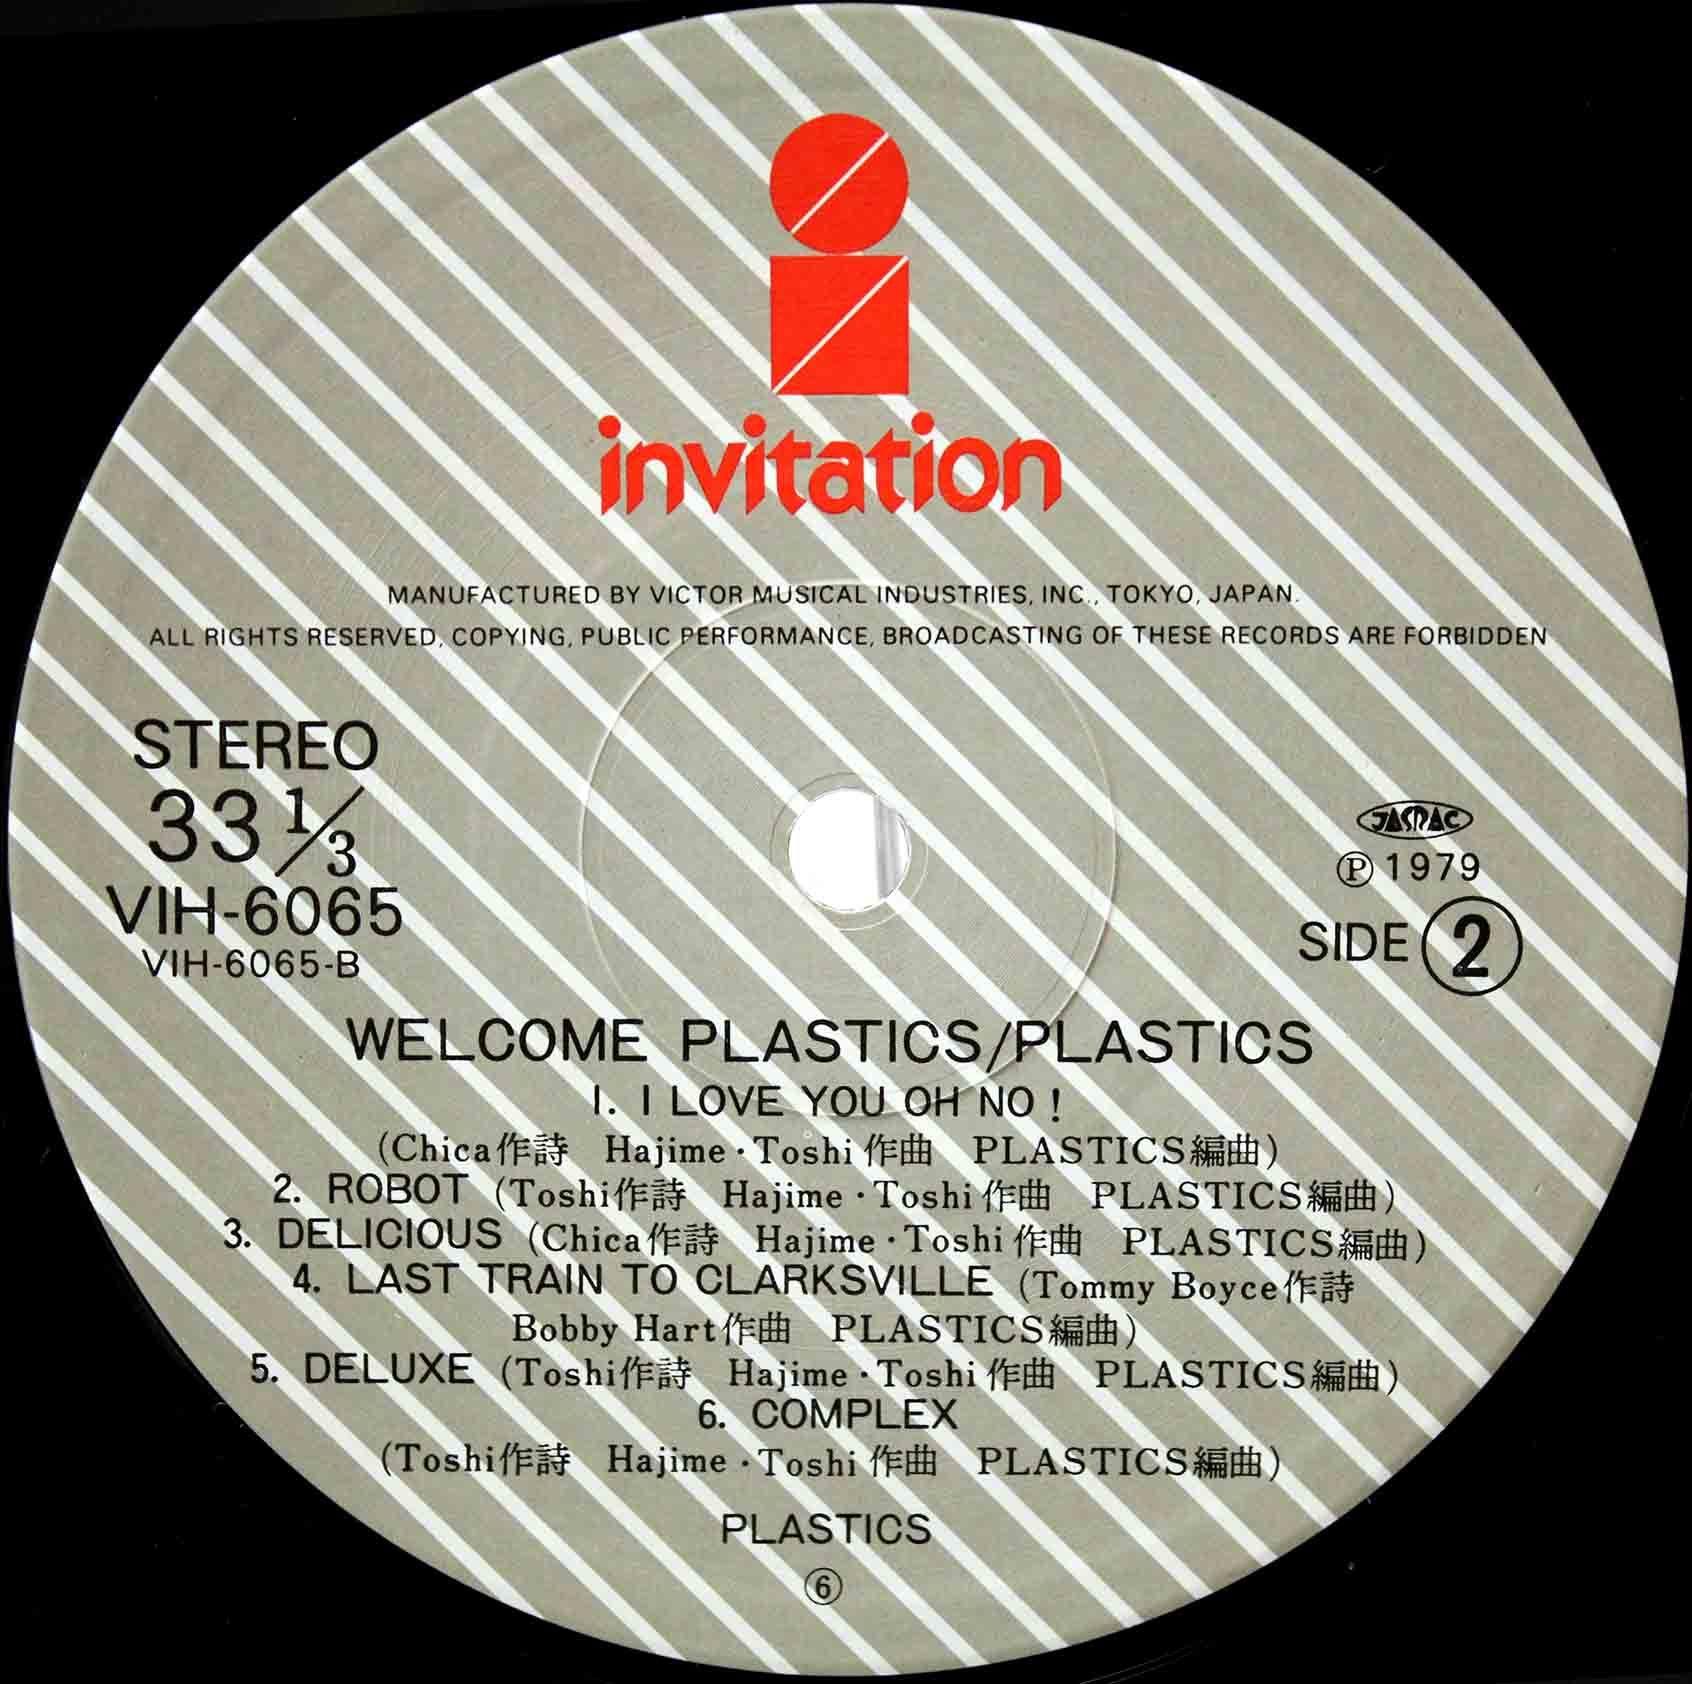 Plastics – Welcome Plastics 06